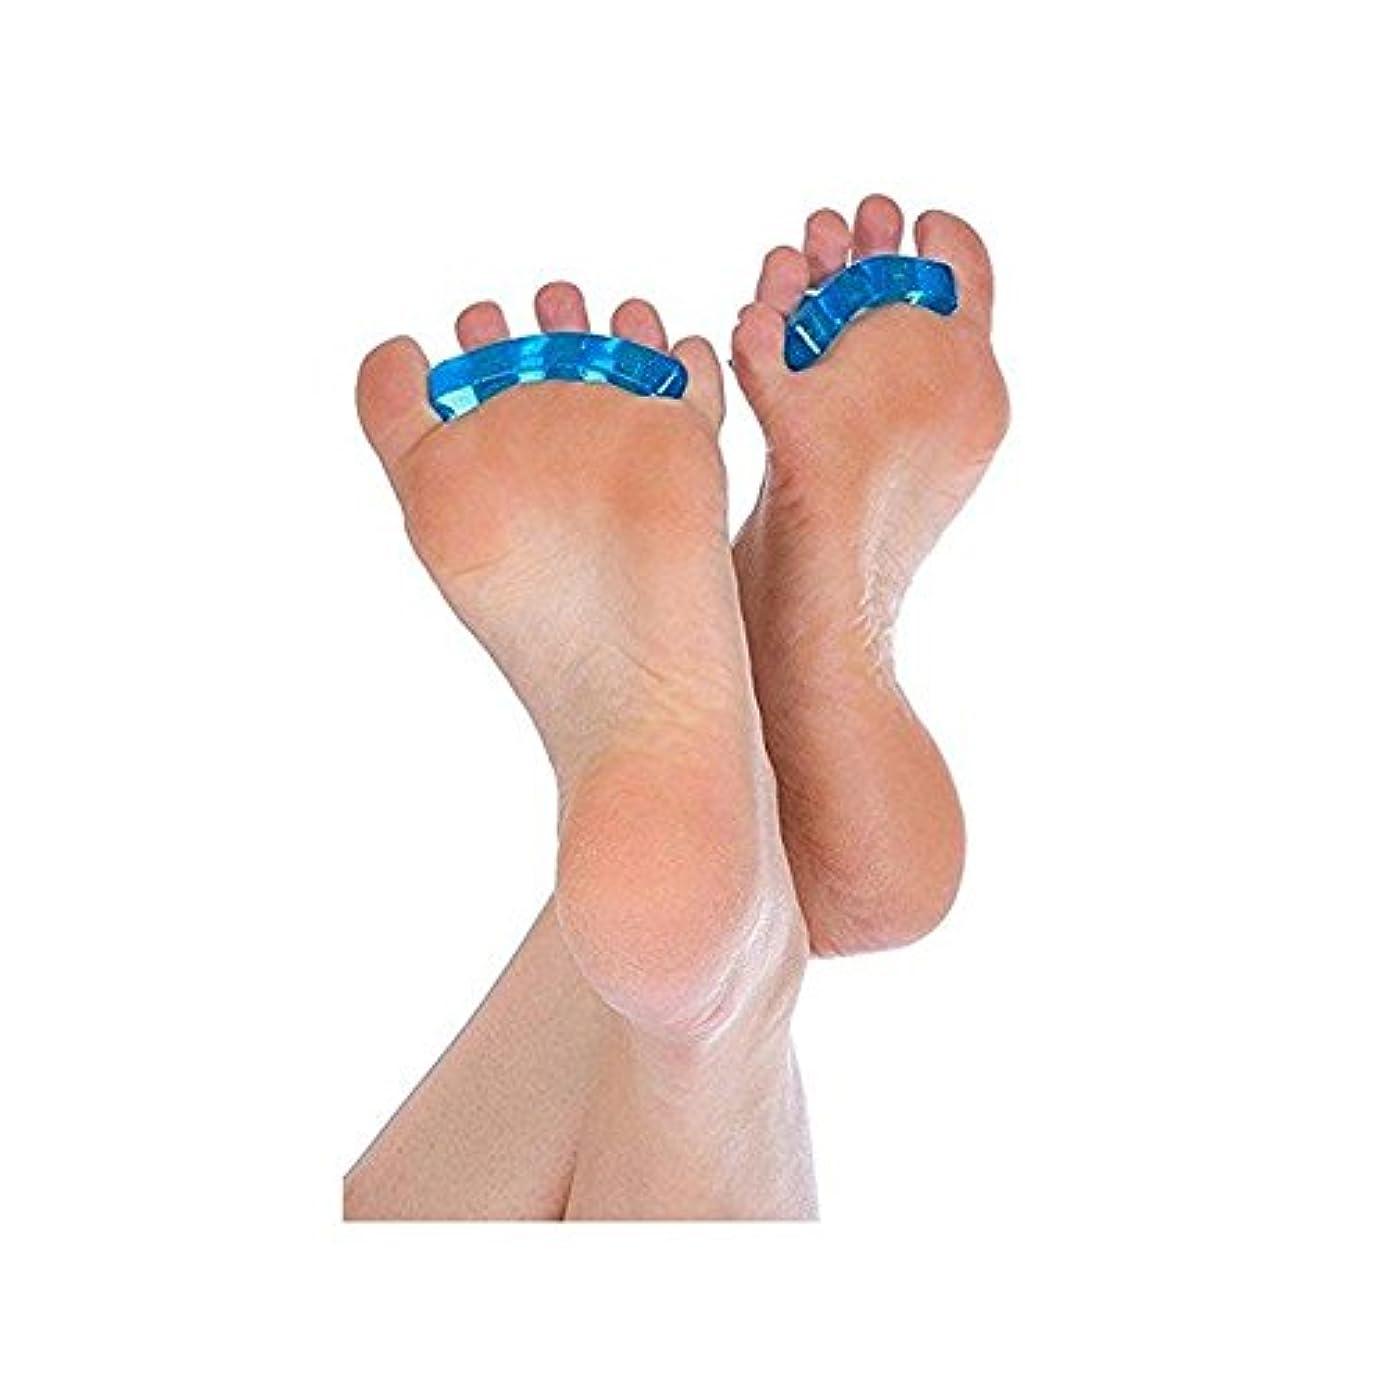 クリスチャン大量ホスト爪デバイダSEBS指の爪セパレータパッド分離パッドネイル特別な分離ネイルツール6ペア